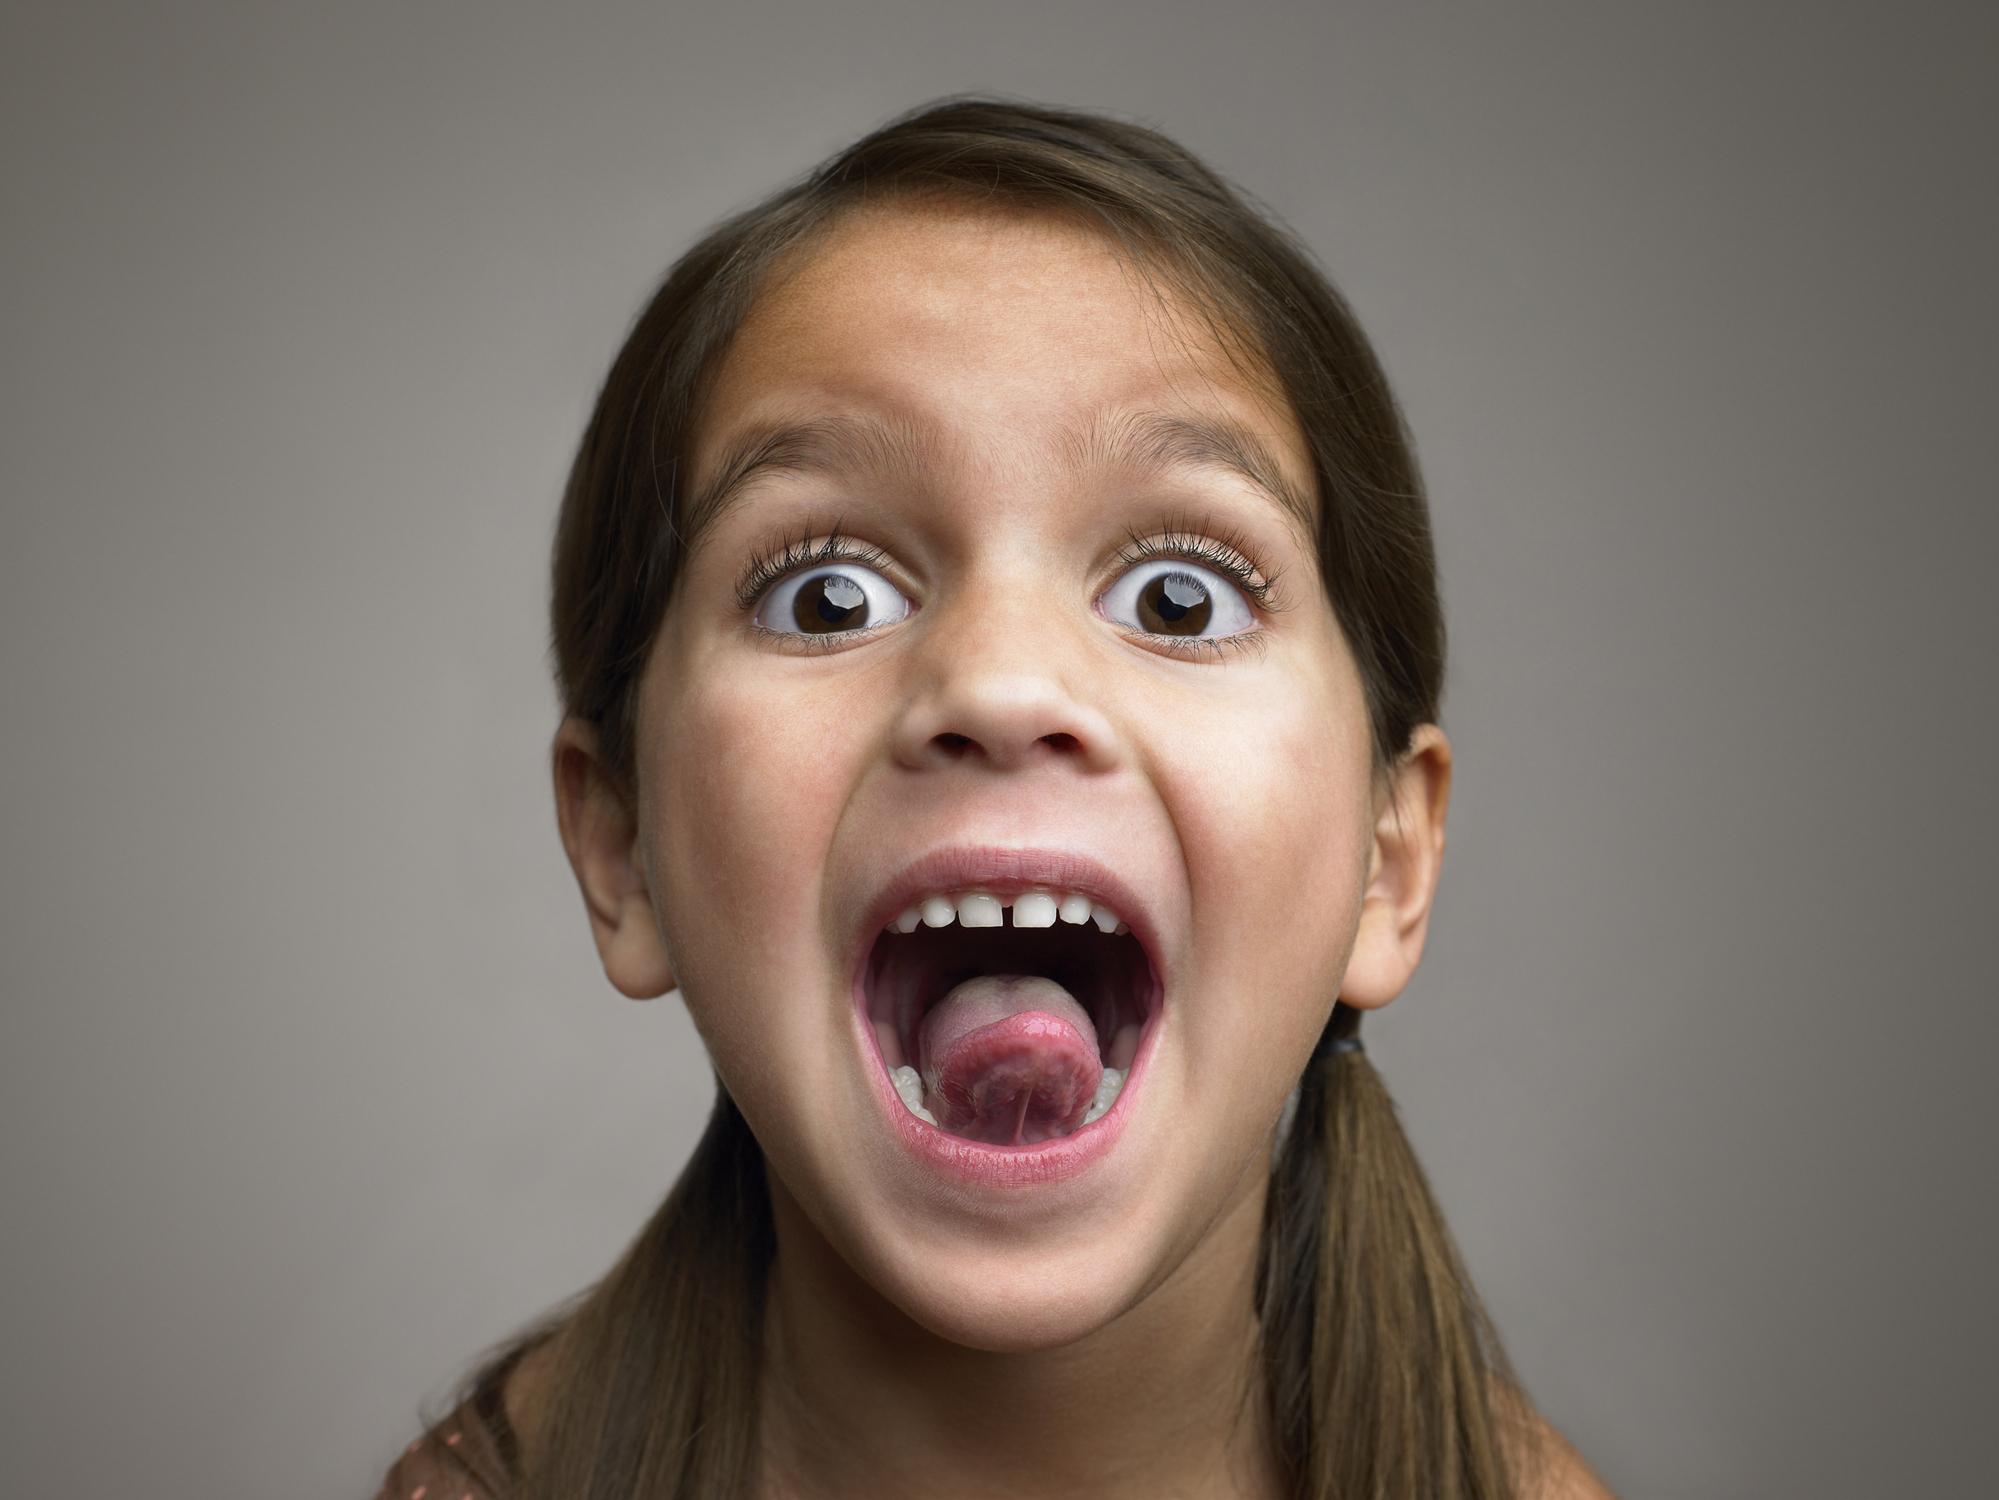 Aggódnak a szülők: gyerekeket rabolnak fekete furgonnal?